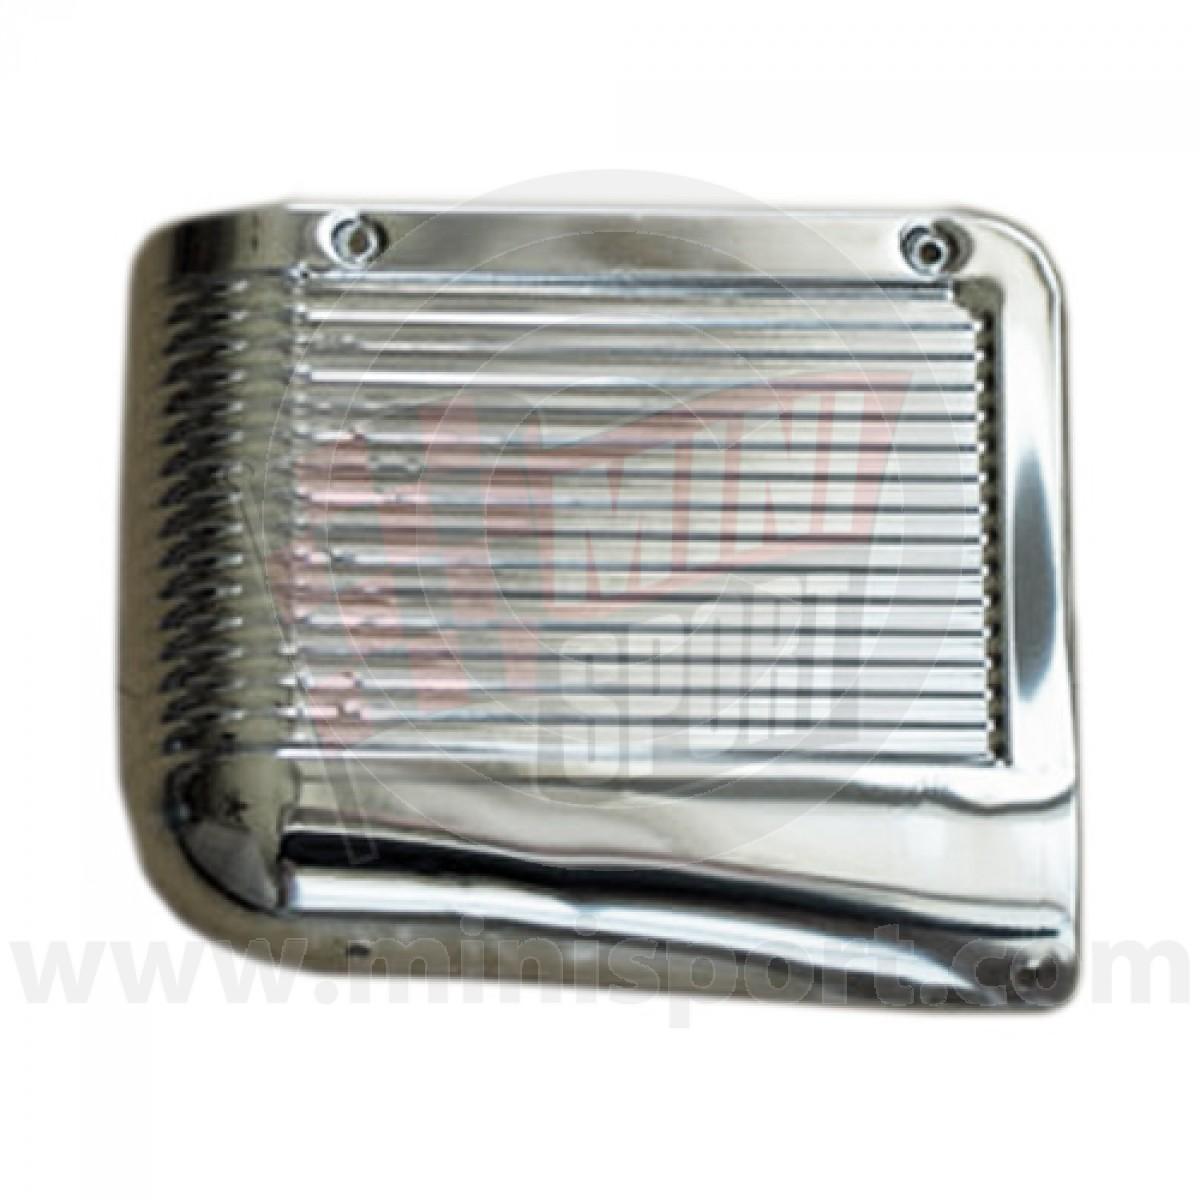 14a7176 Mini Door Kick Plate Interior Trim Minisport Mini